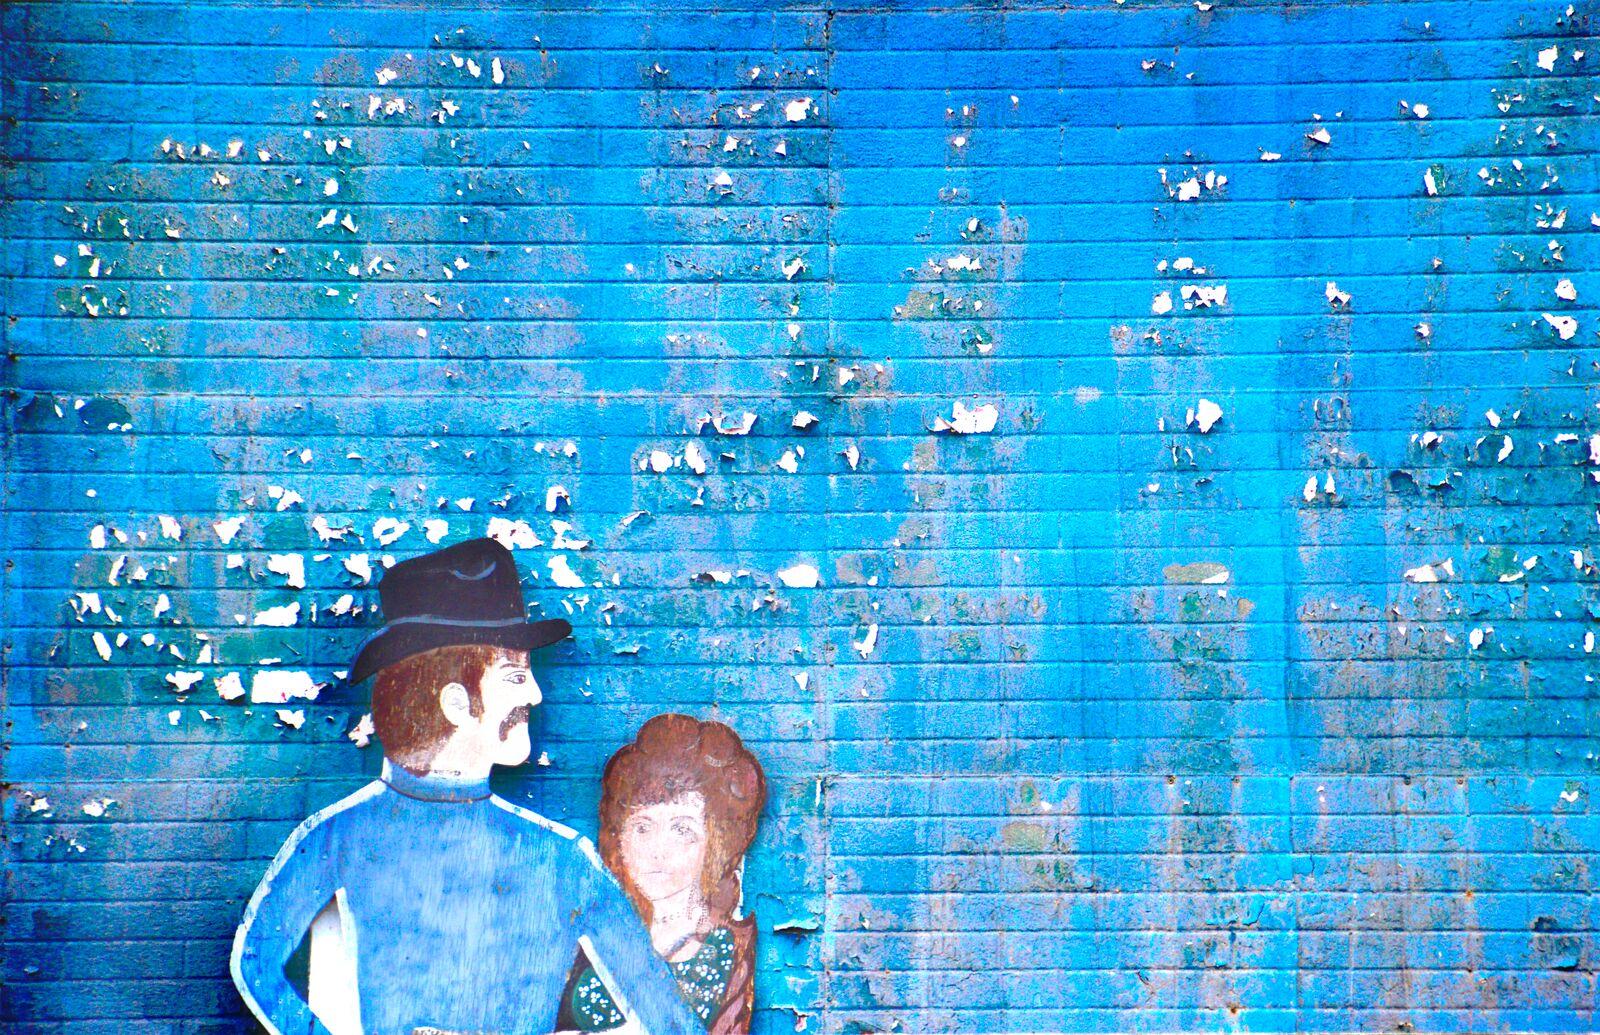 Cowboy Meets Girl